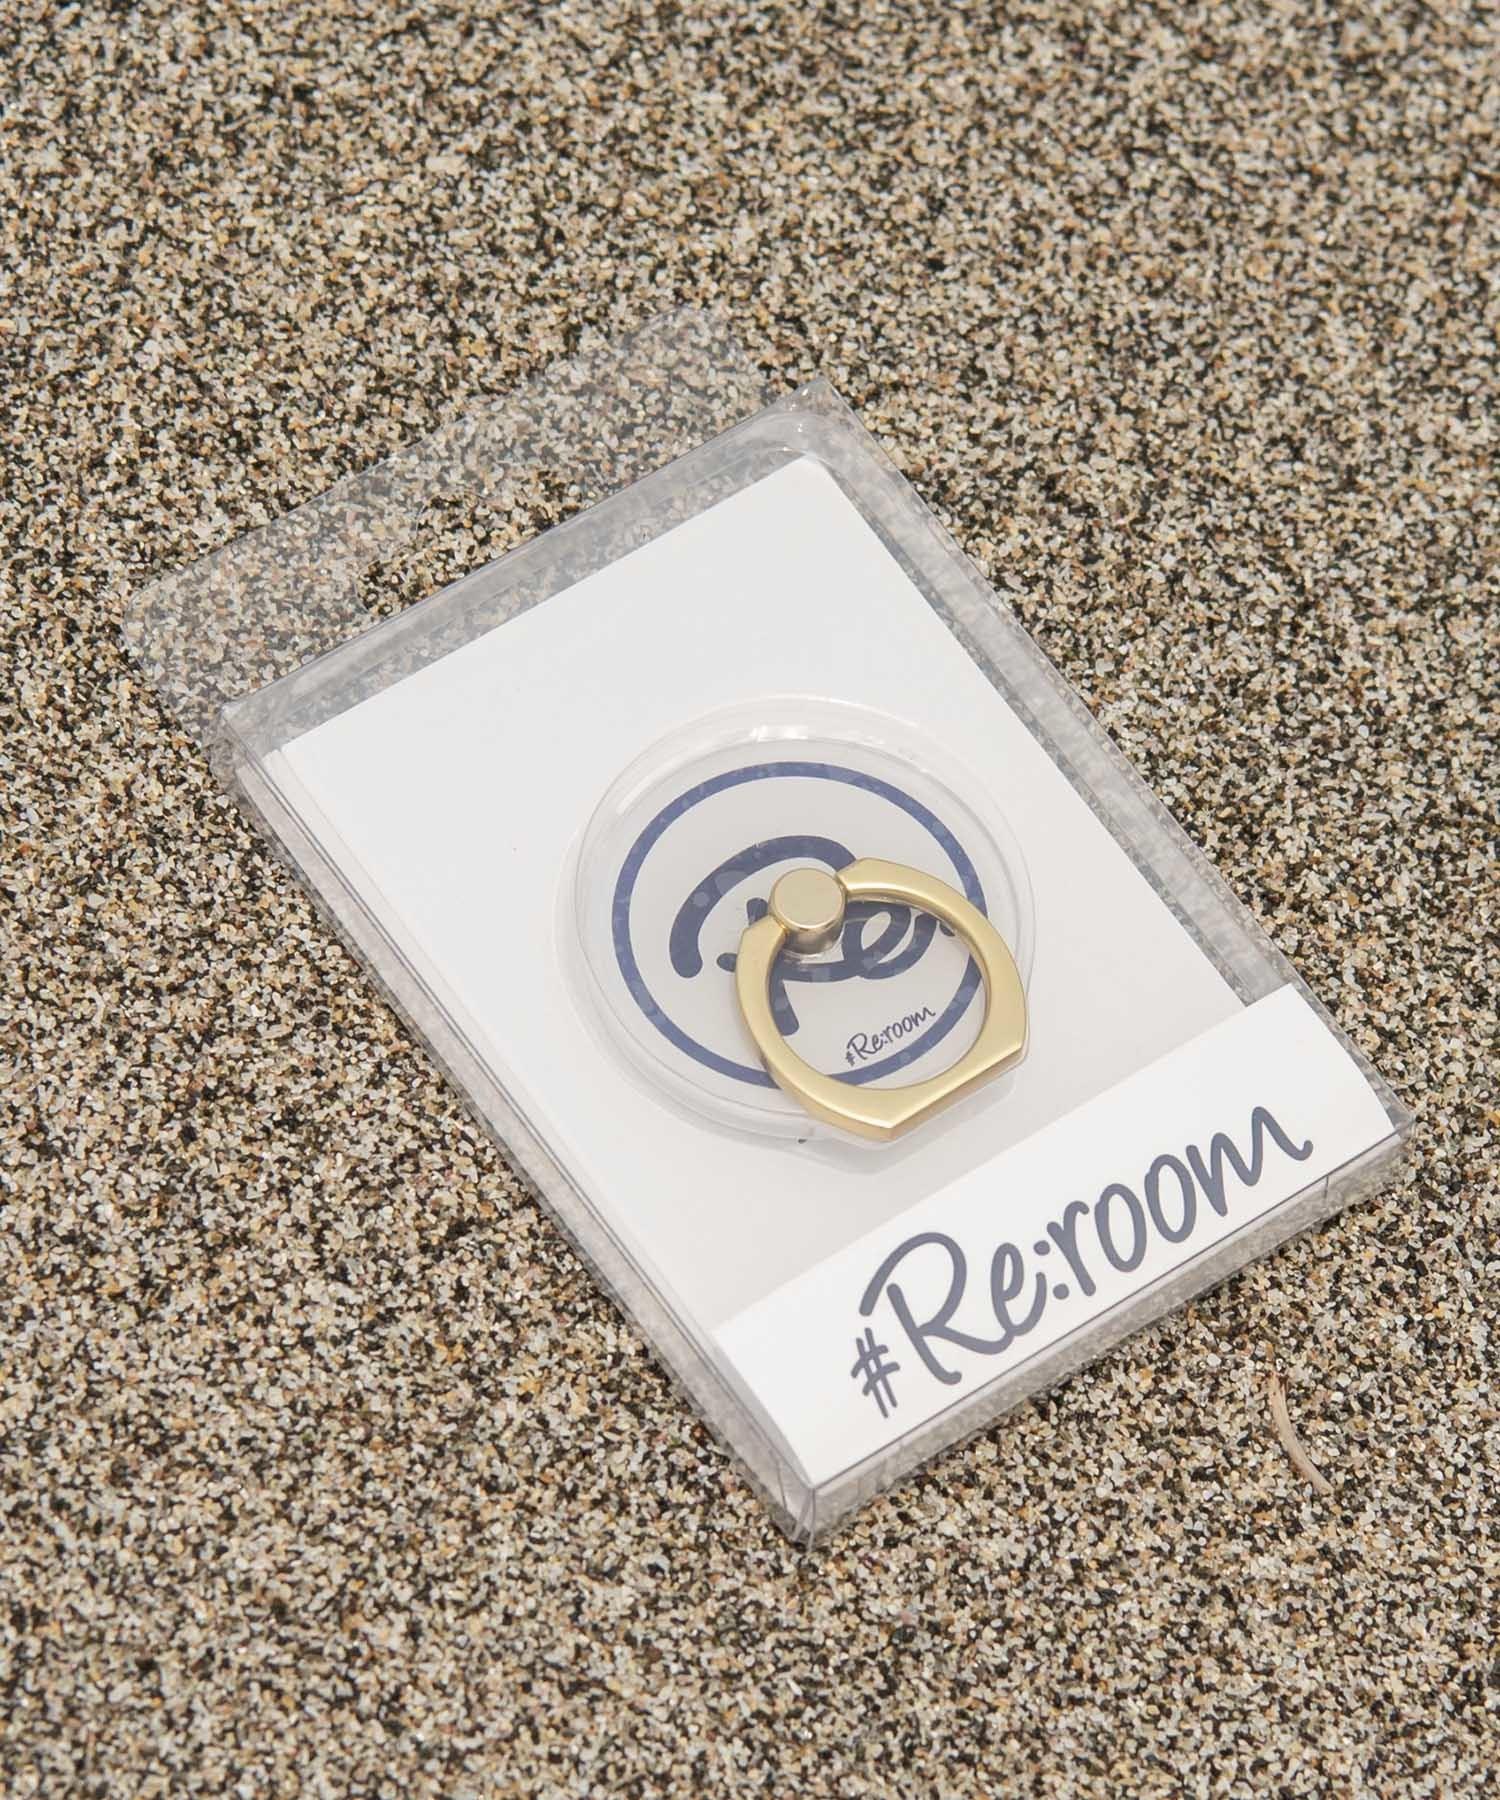 Re ROUND Smart Phone RING[REG076]